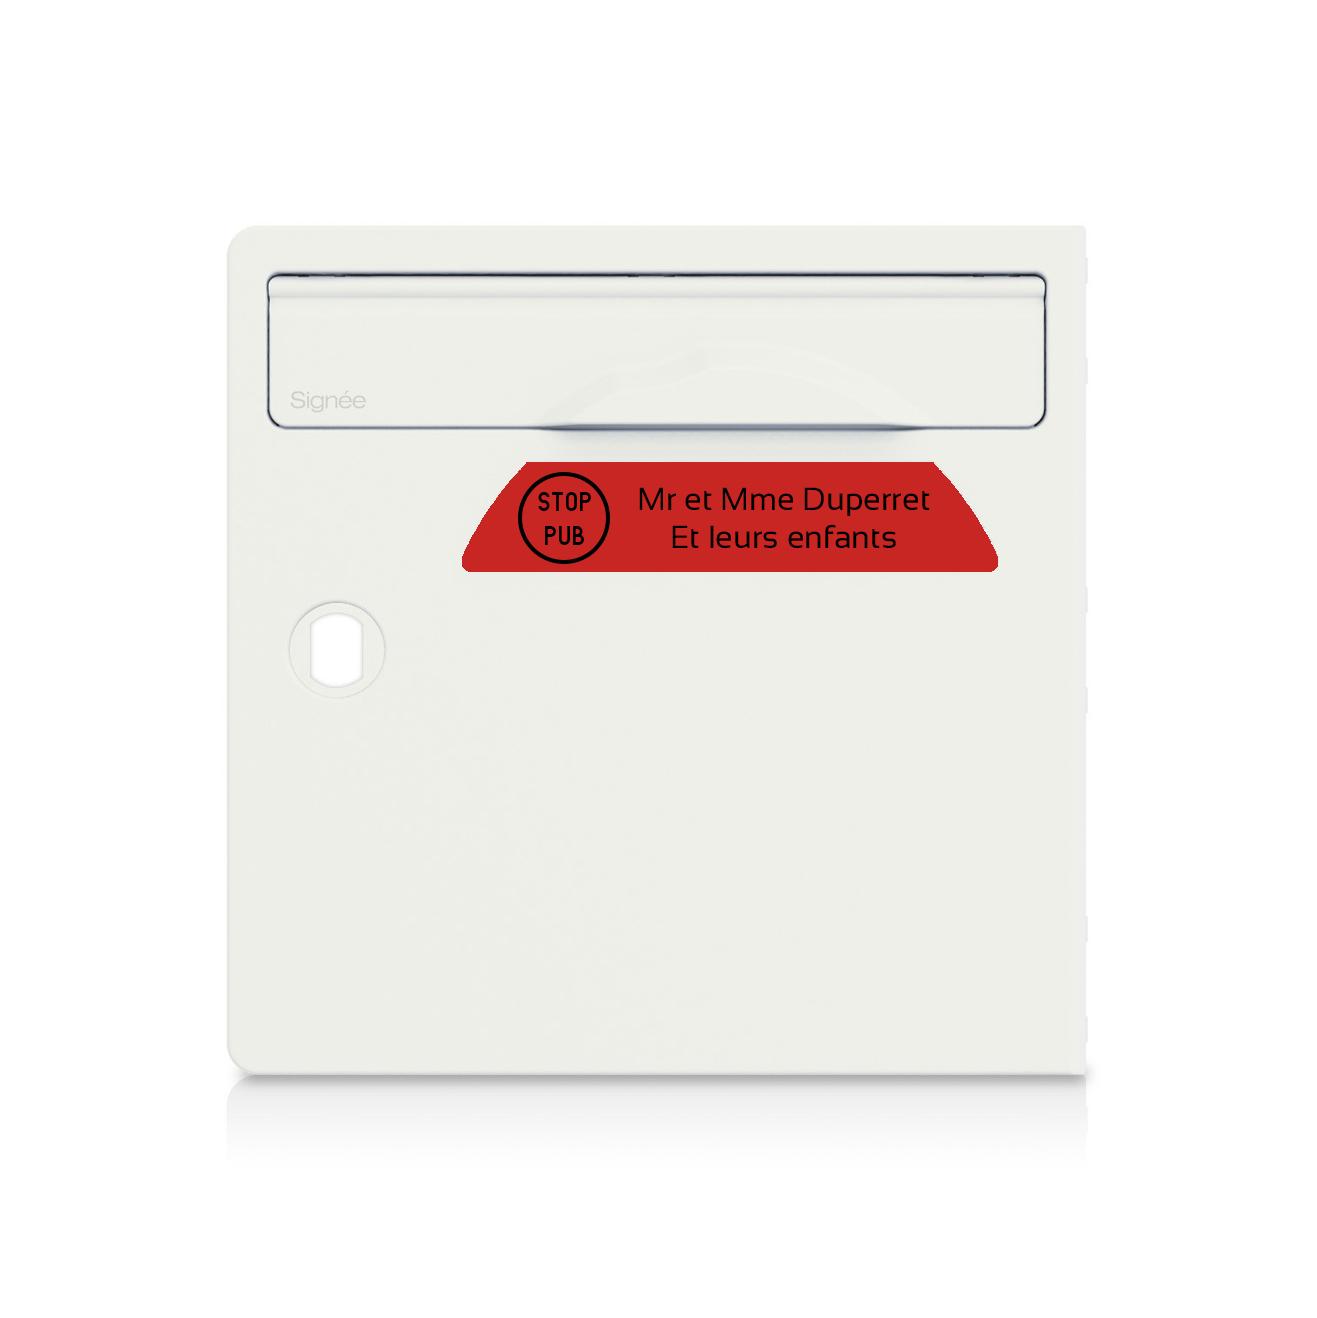 plaque boite aux lettres Signée STOP PUB rouge lettres noires - 2 lignes